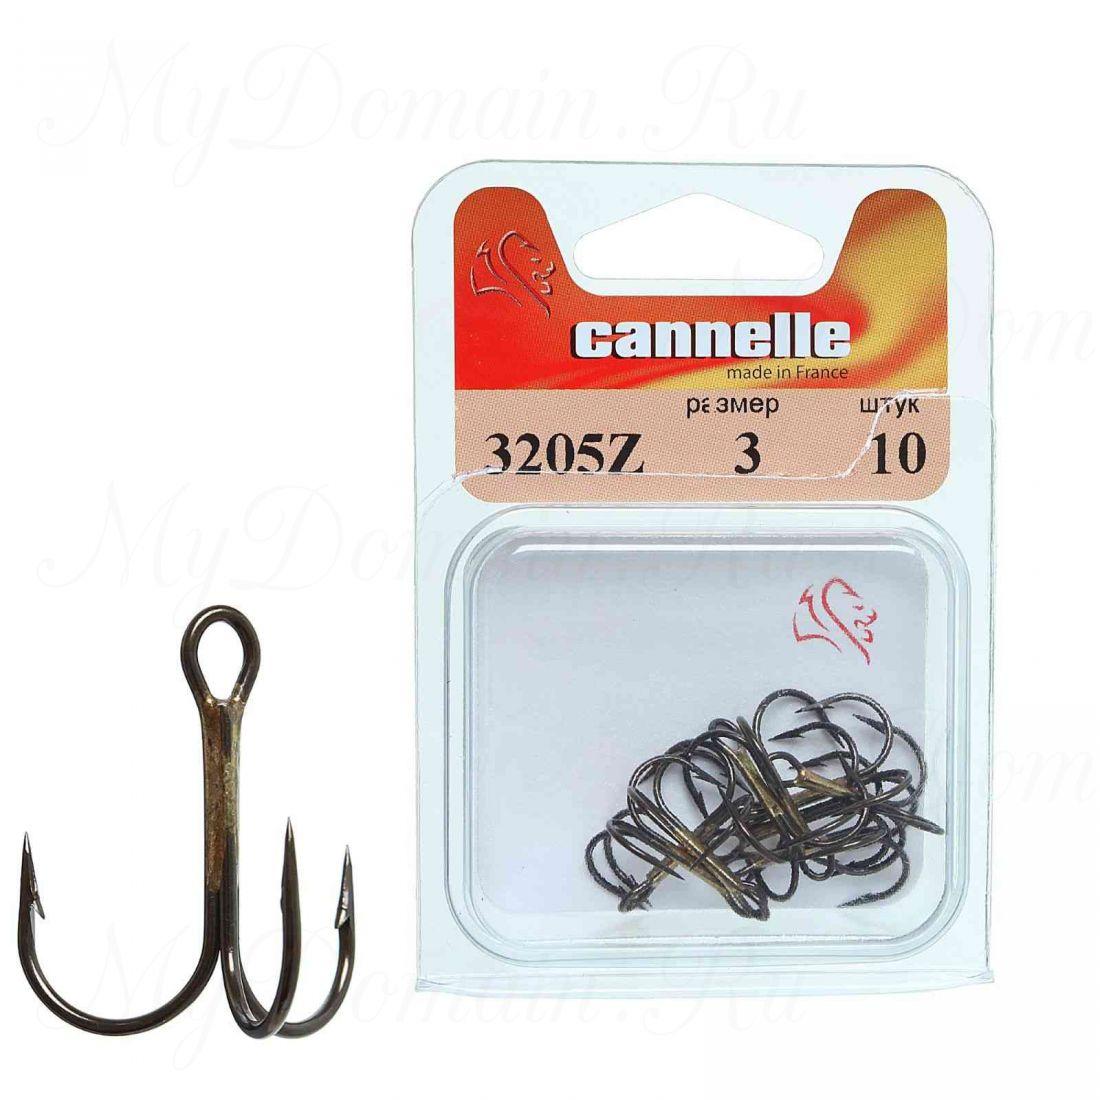 Тройник Cannelle 3205 N № 3/0 уп. 10 шт. (никель,круглый поддев,стандартный тройник,средняя проволка)